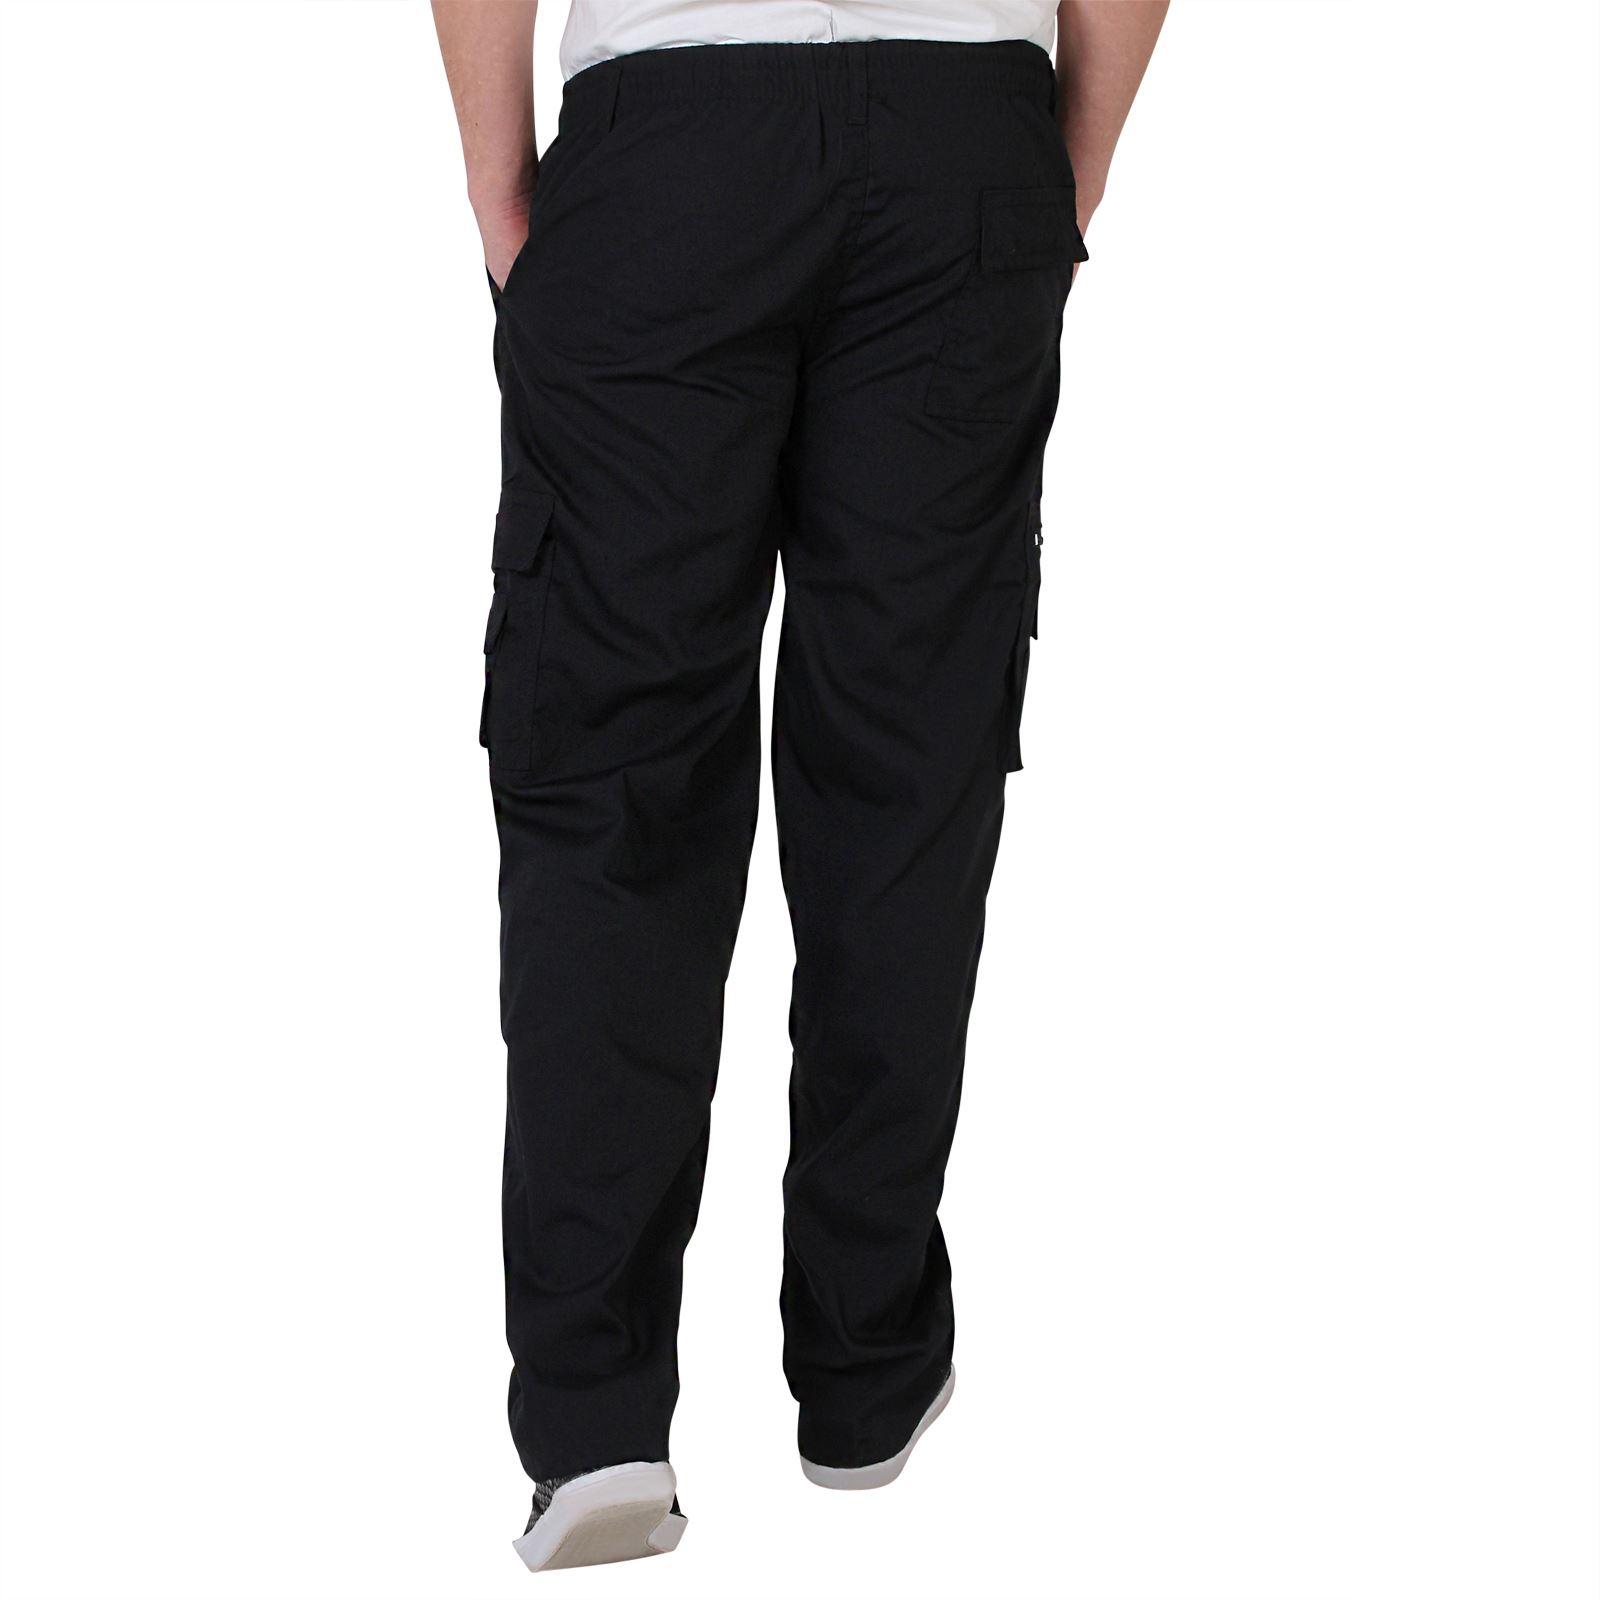 Uomo-Militare-Cargo-Pantaloni-Cotone-Lavoro-Chino-Casual-Kaki miniatura 7